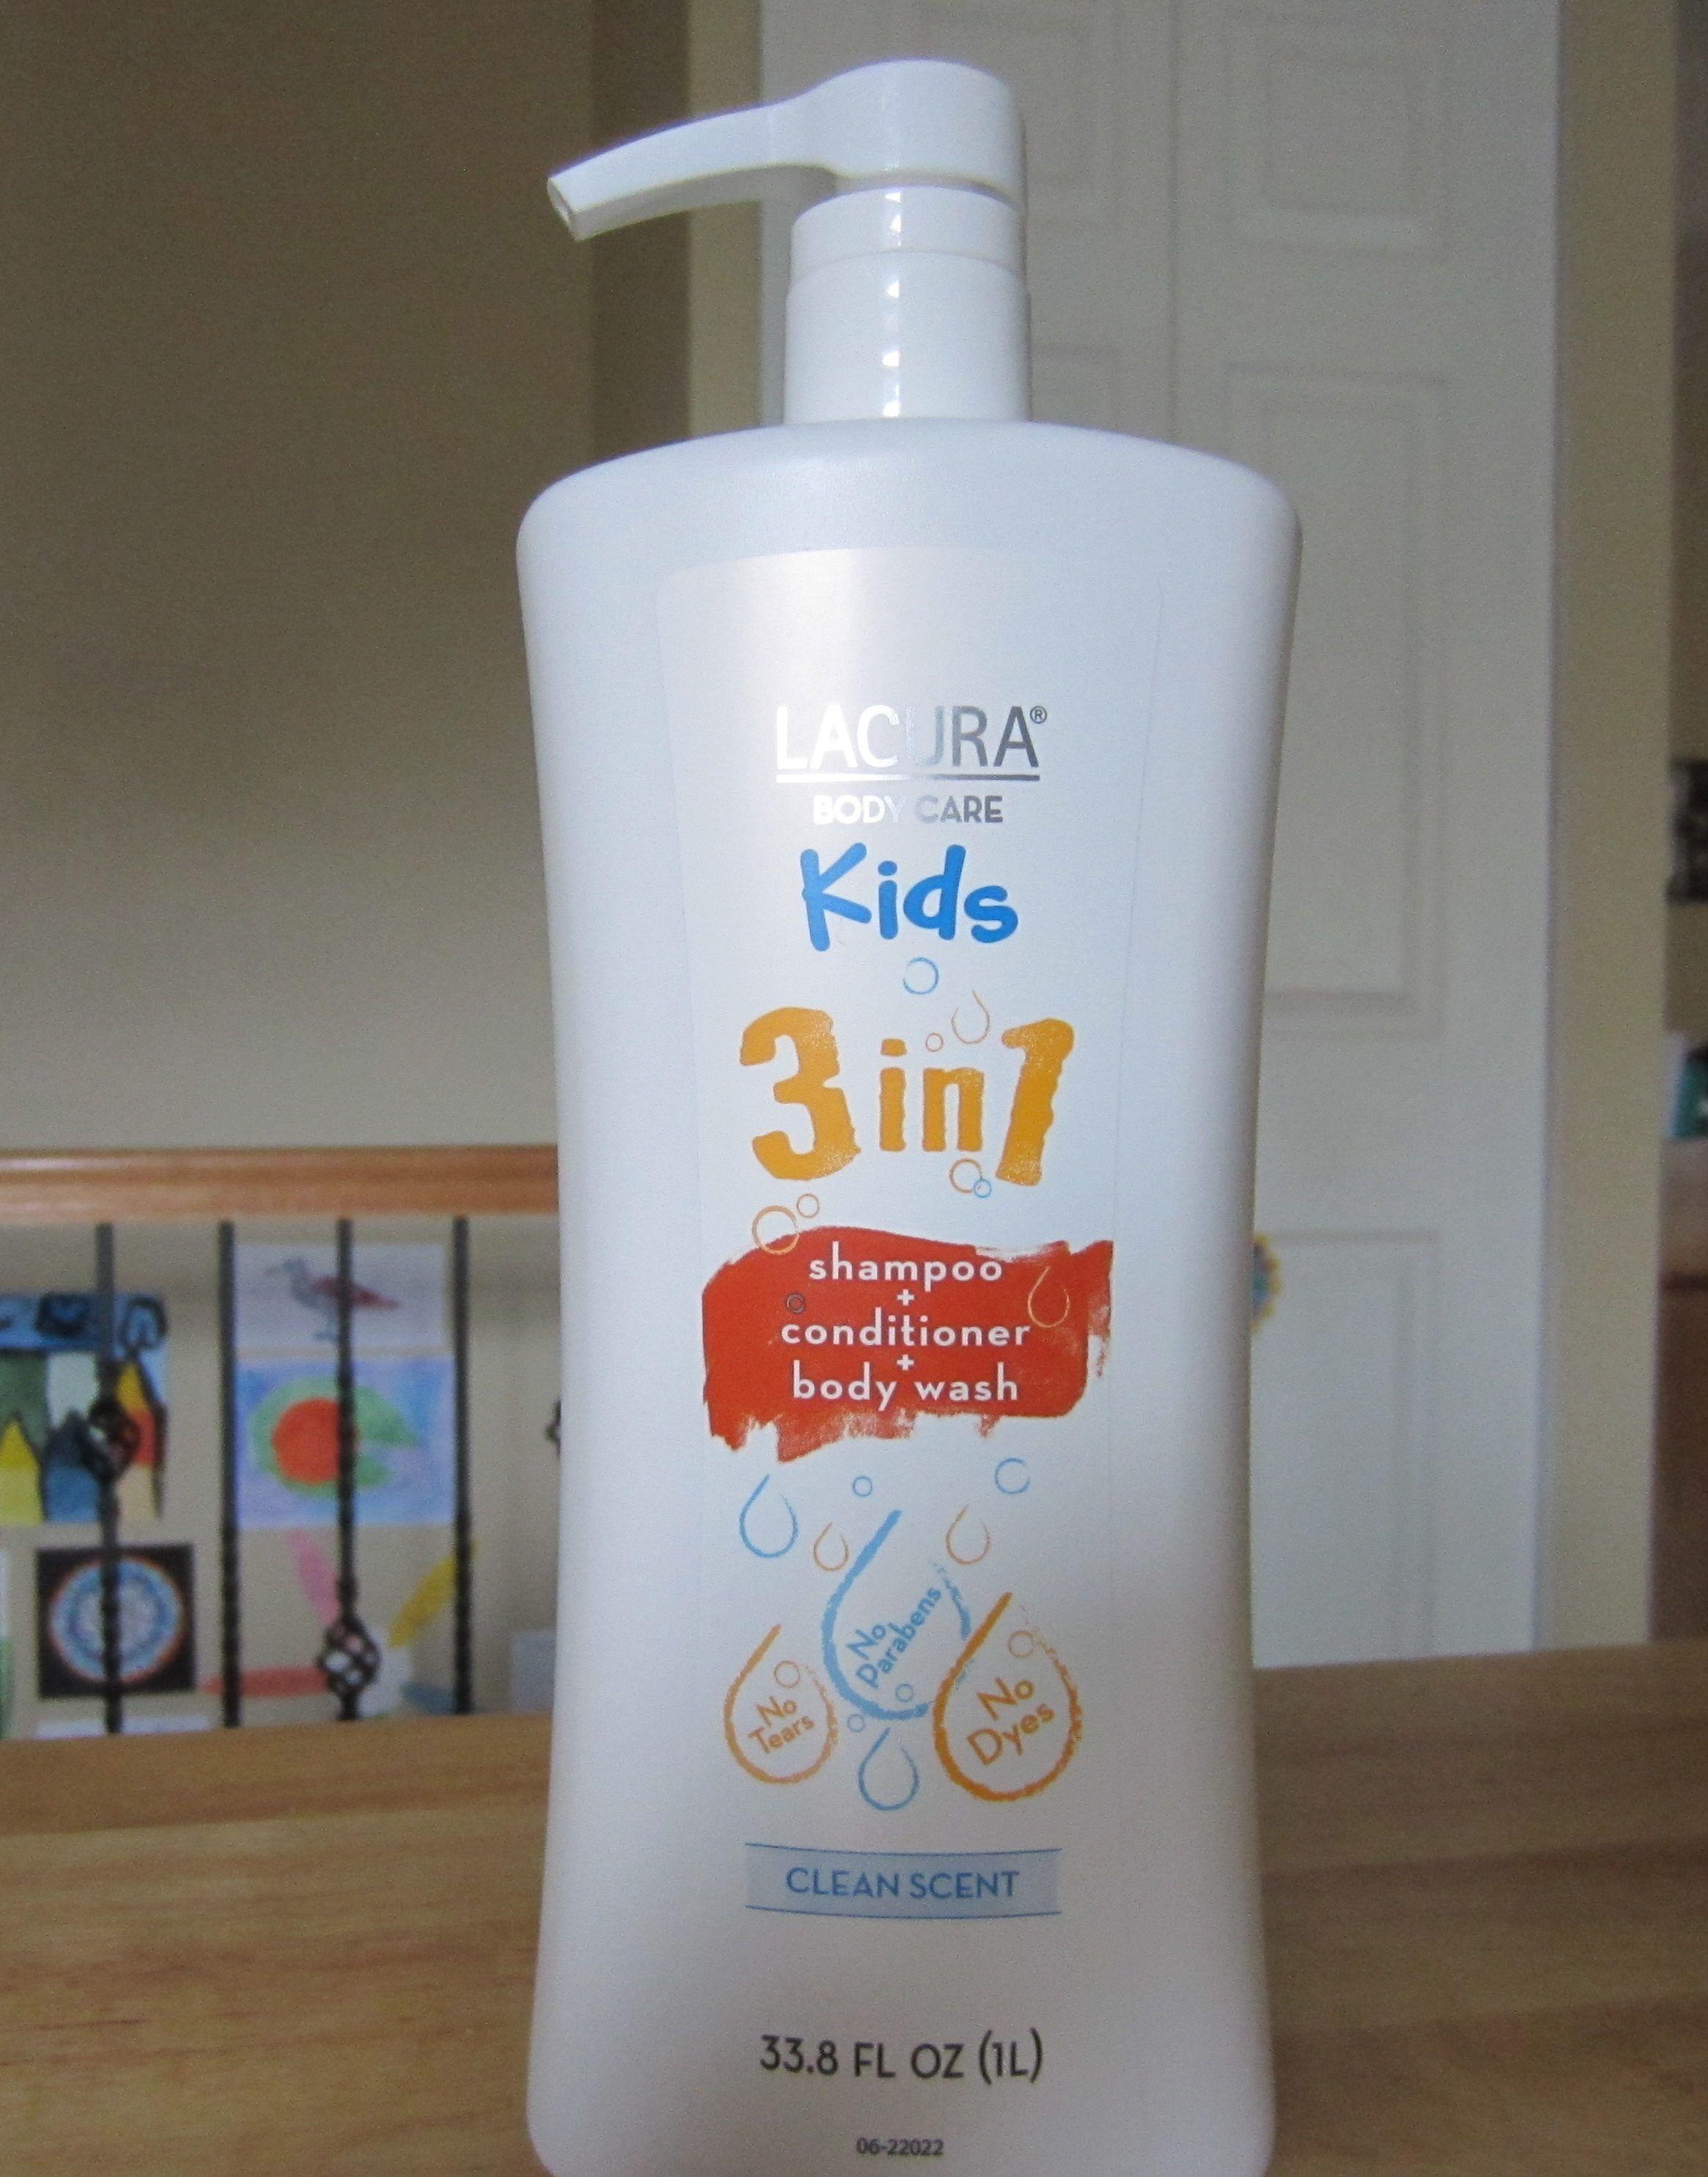 Lacura Body Care Kids 3 In 1 Shampoo Conditioner Body Wash